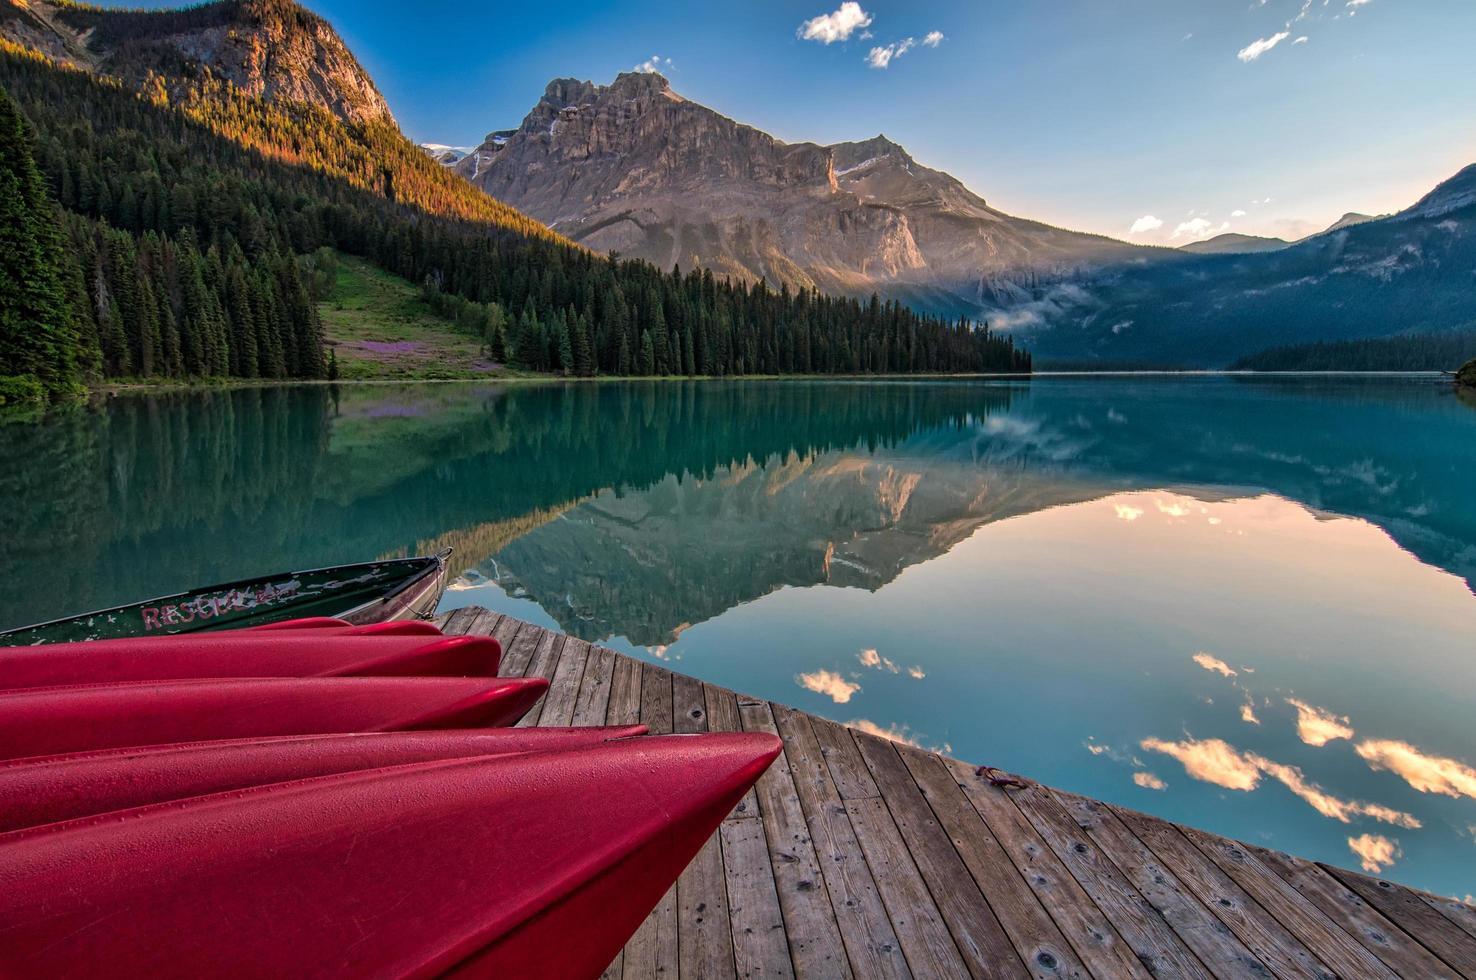 rode kano's op dok in de buurt van water foto